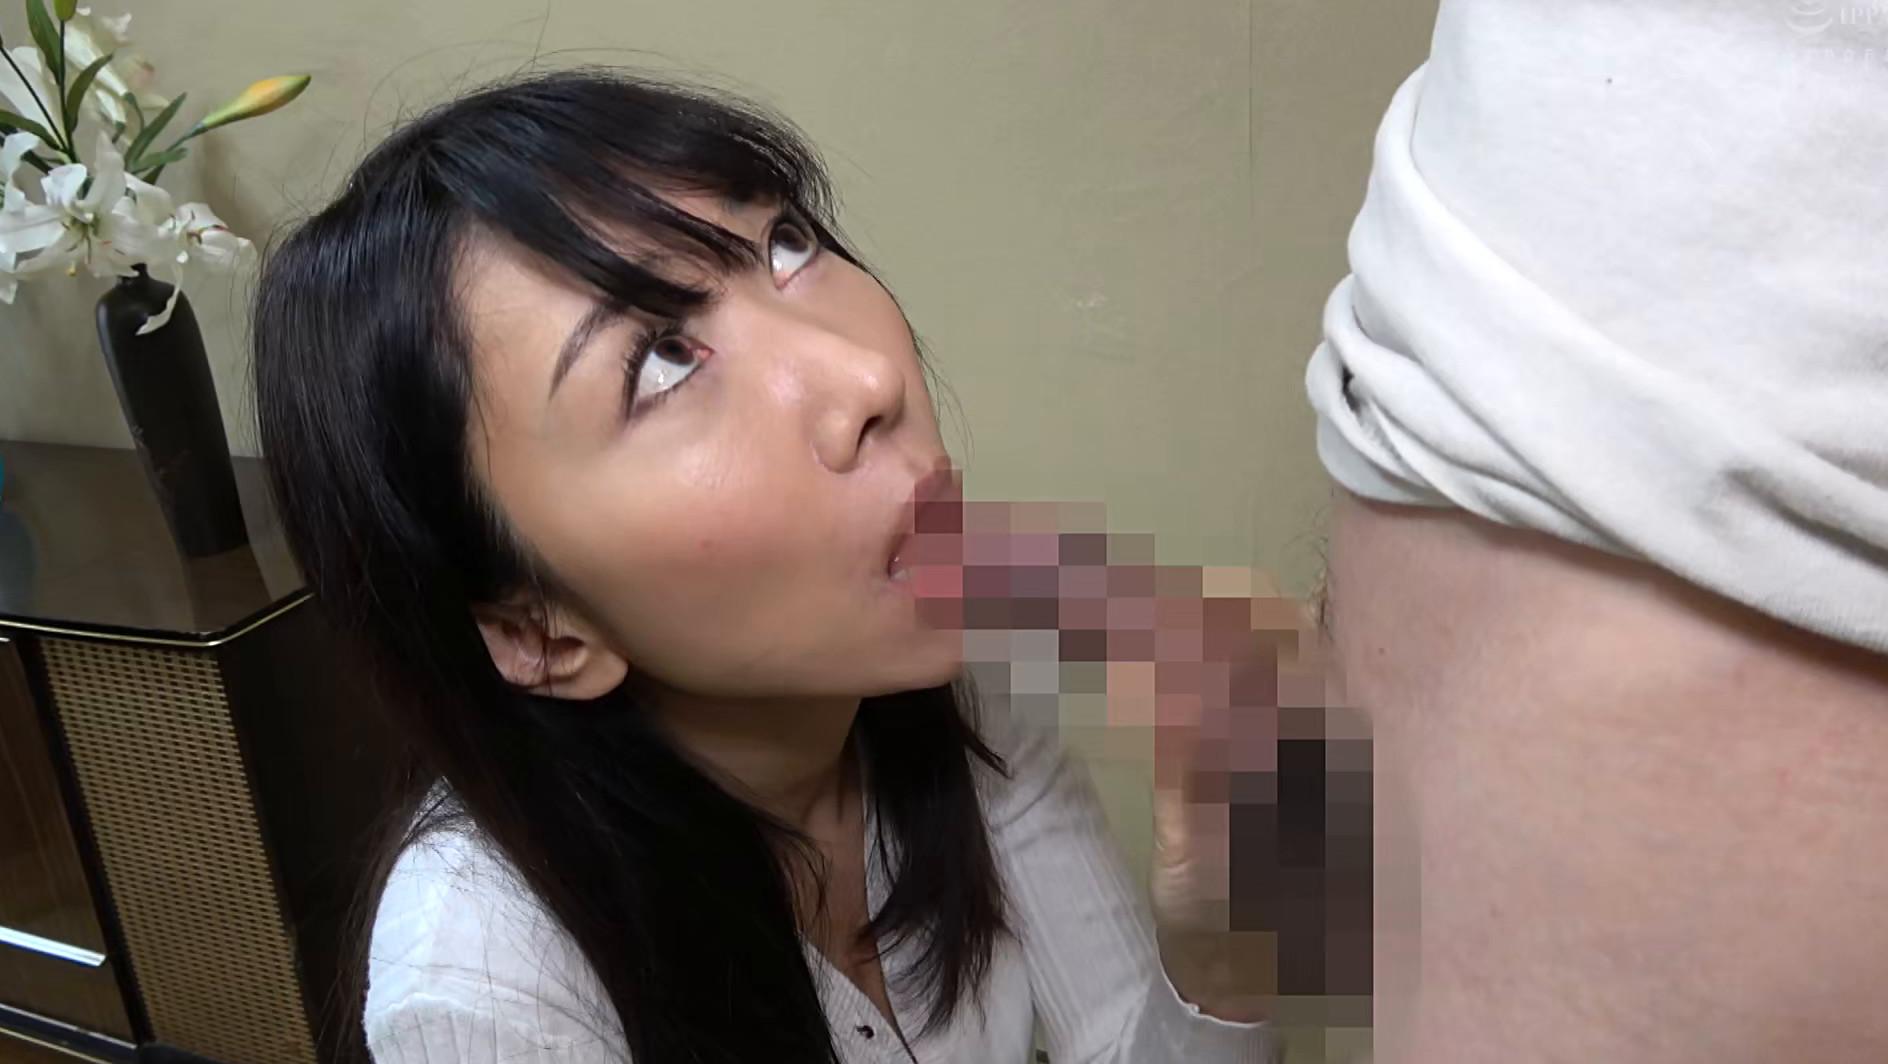 子供部屋おじさん(35歳無職の息子)を性処理する義母 森田紅音 画像4